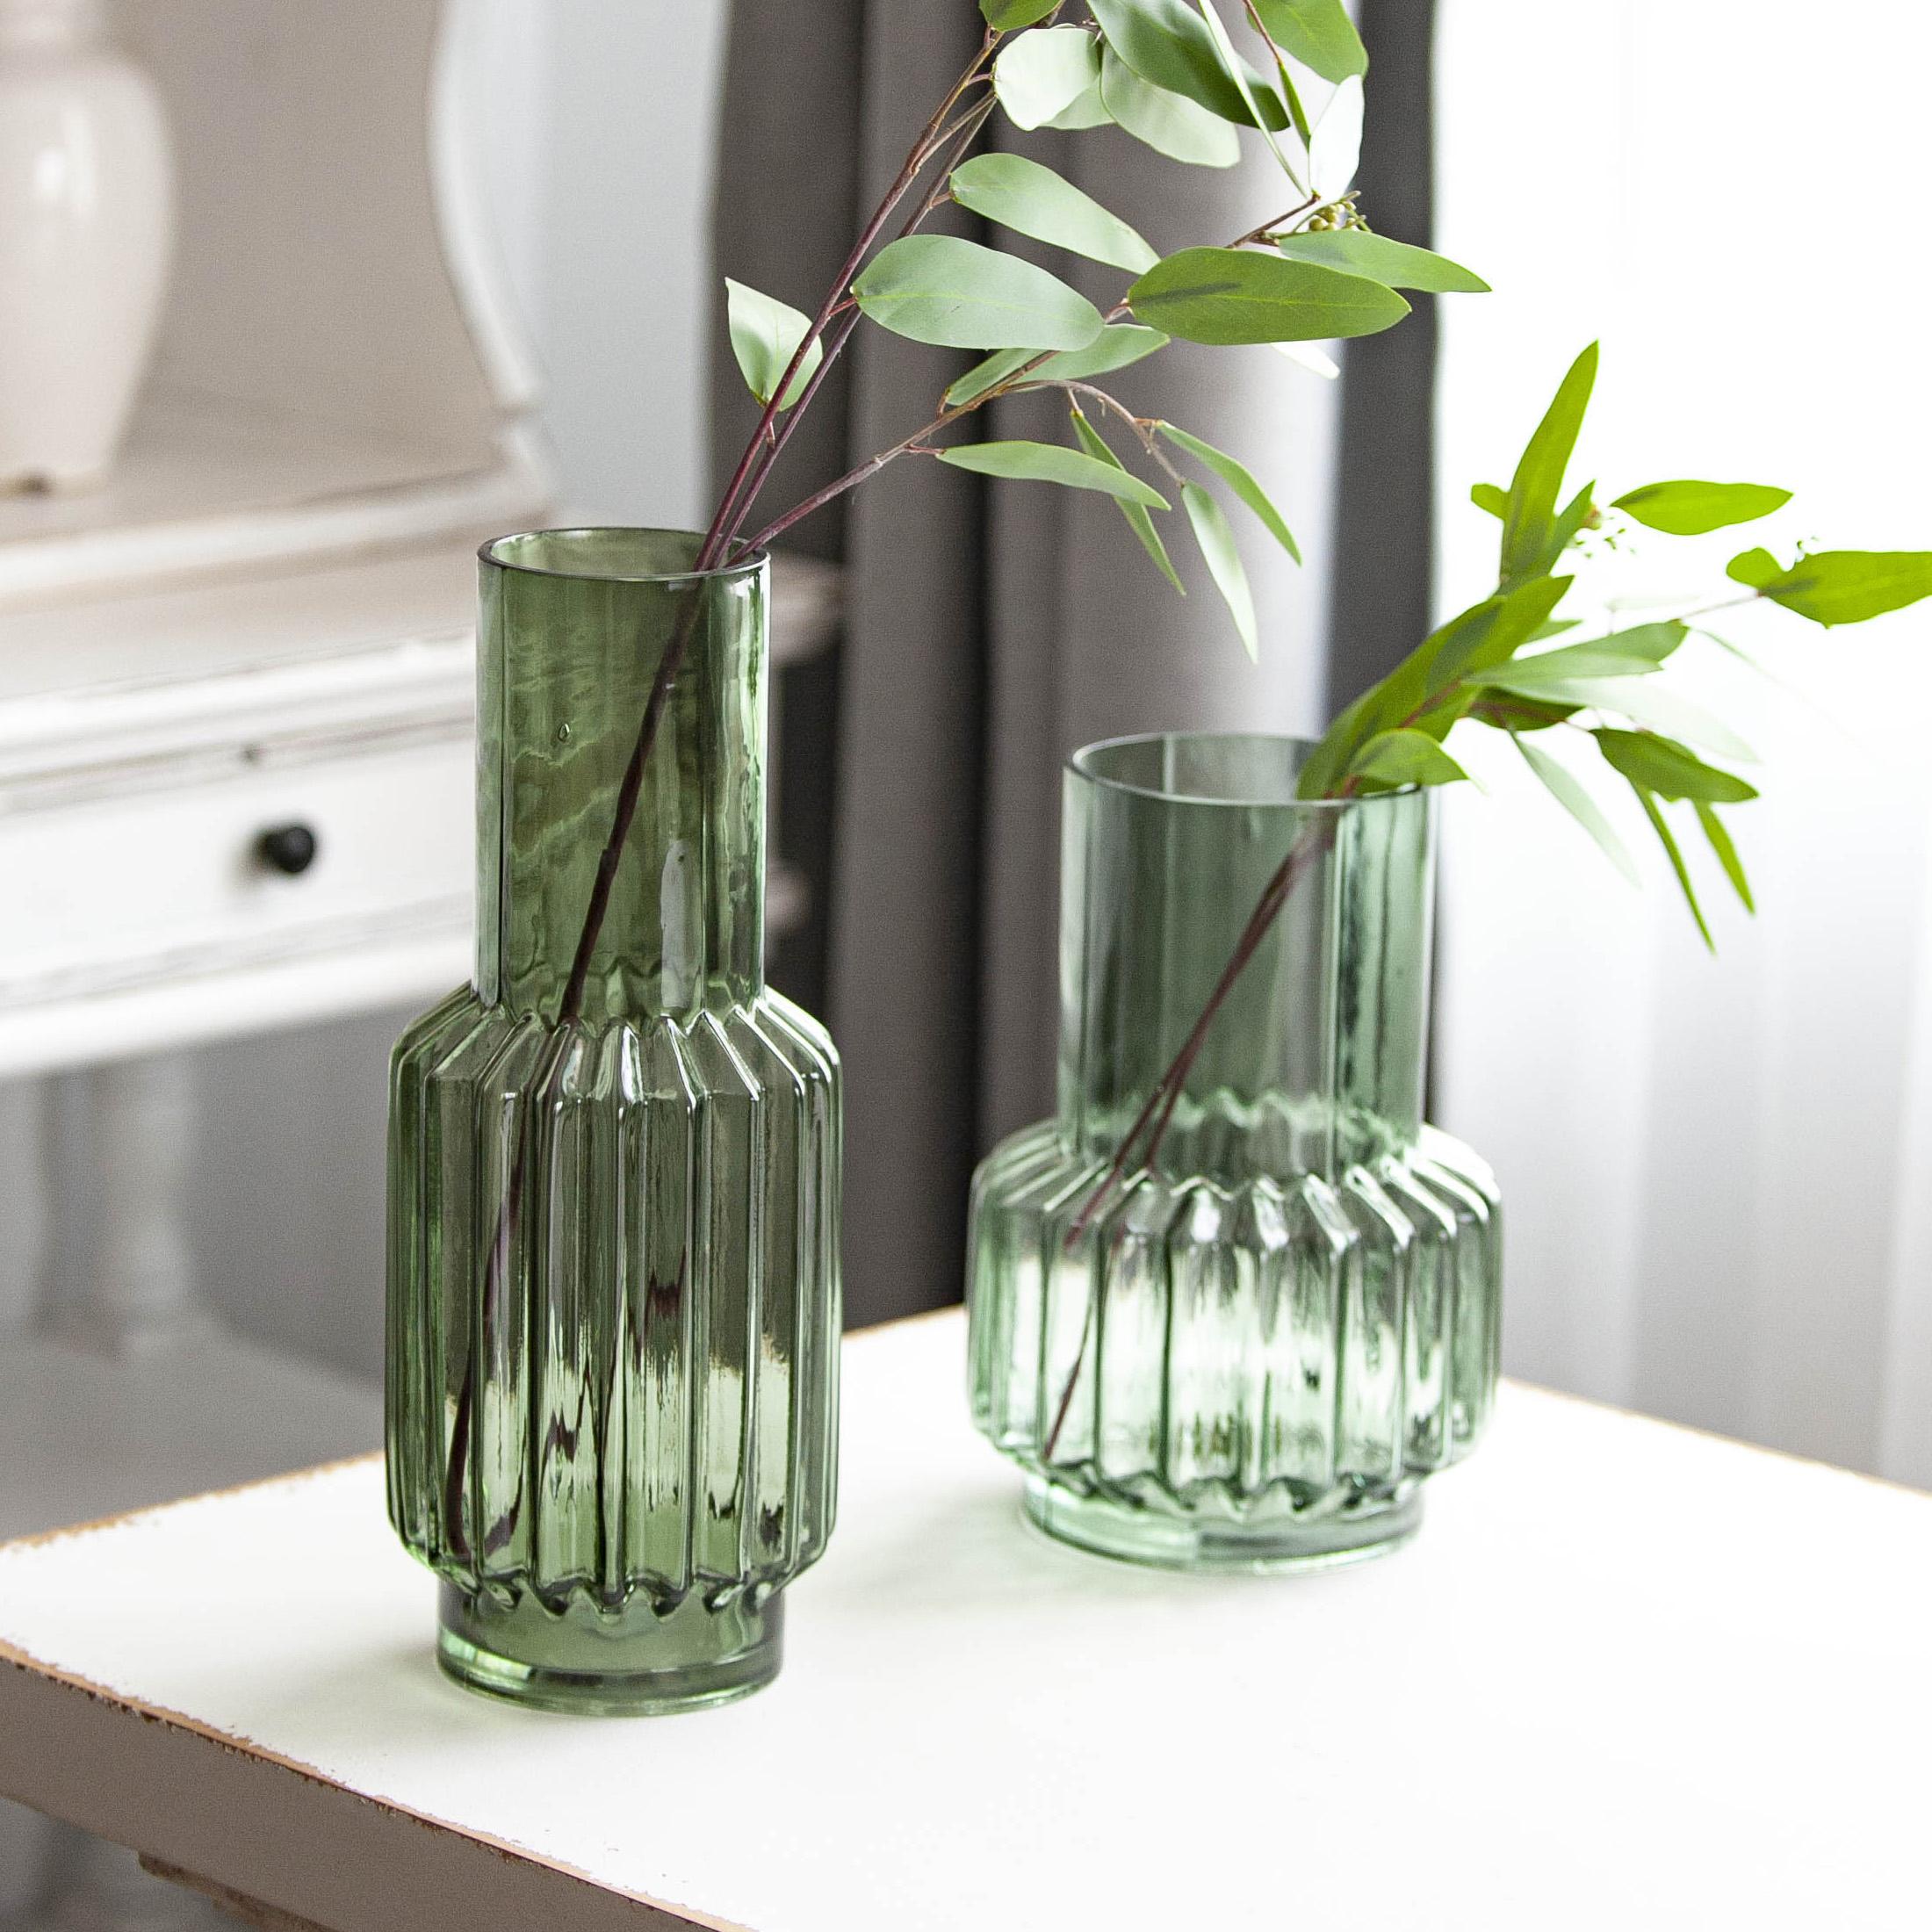 现代轻奢玻璃花瓶摆件 家居装饰品酒店样板间花器餐桌客厅插花瓶